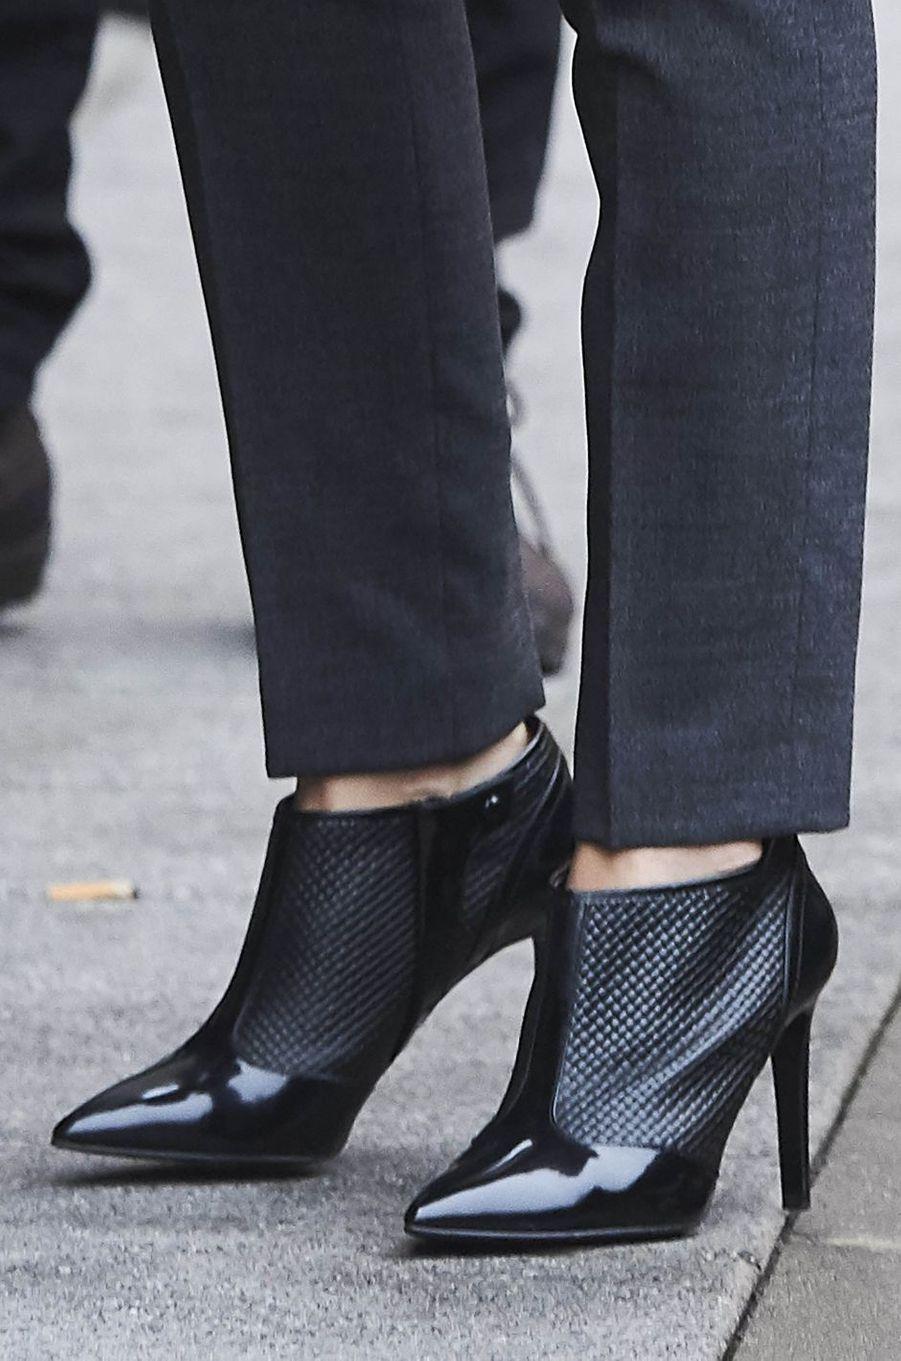 Les chaussures de la reine Letizia d'Espagne à Madrid, le 10 janvier 2018